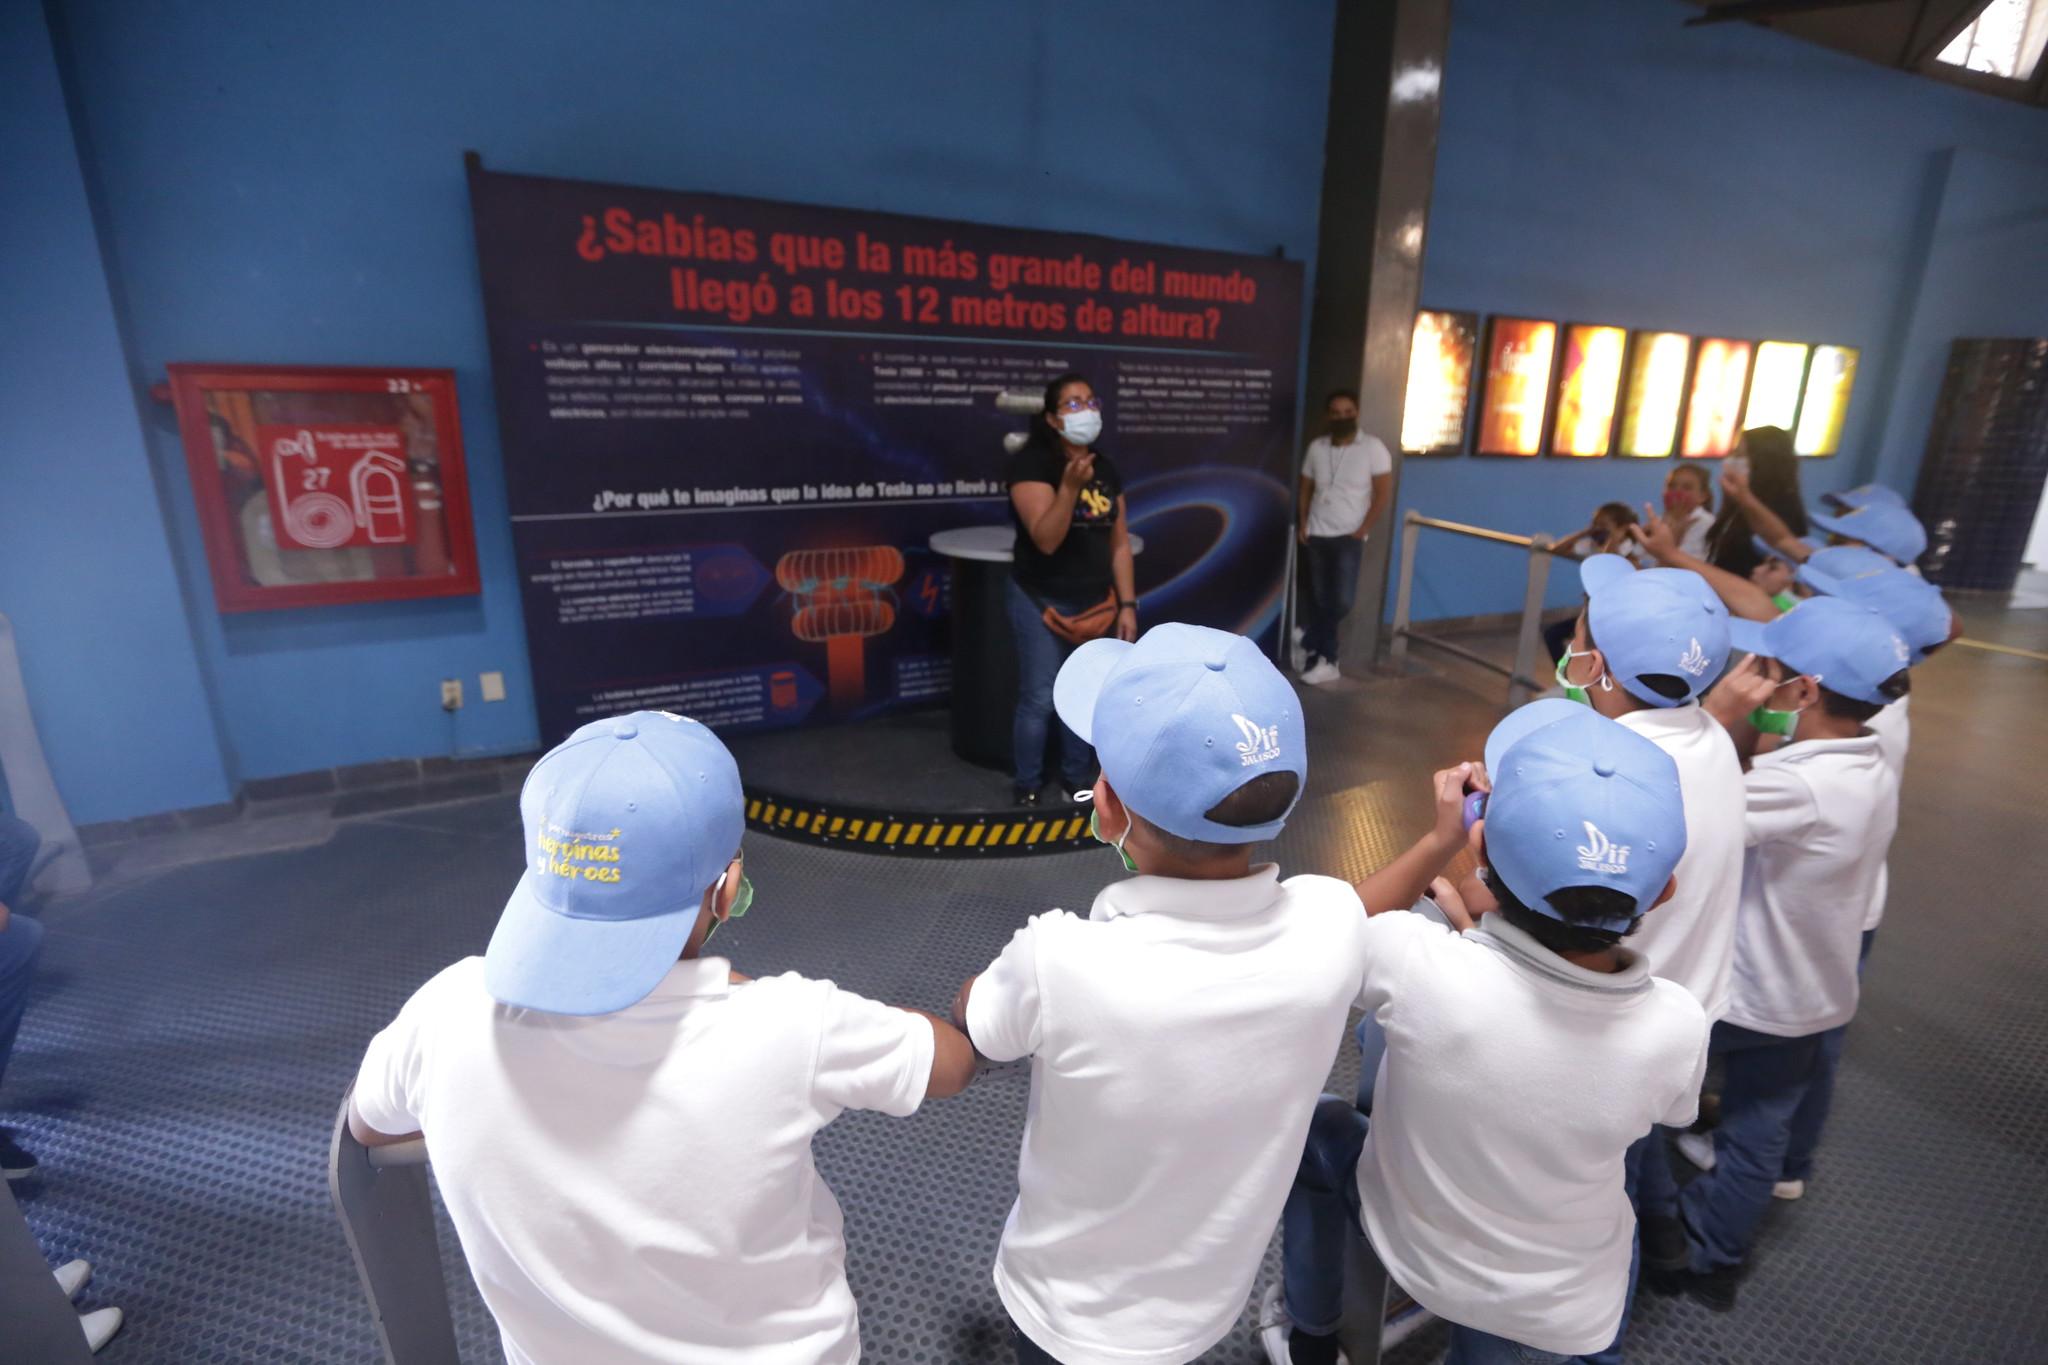 """Programa """"Construyendo Familias"""" de la ONUDD organizó jornada de reflexión en el Museo Trompo Mágico."""